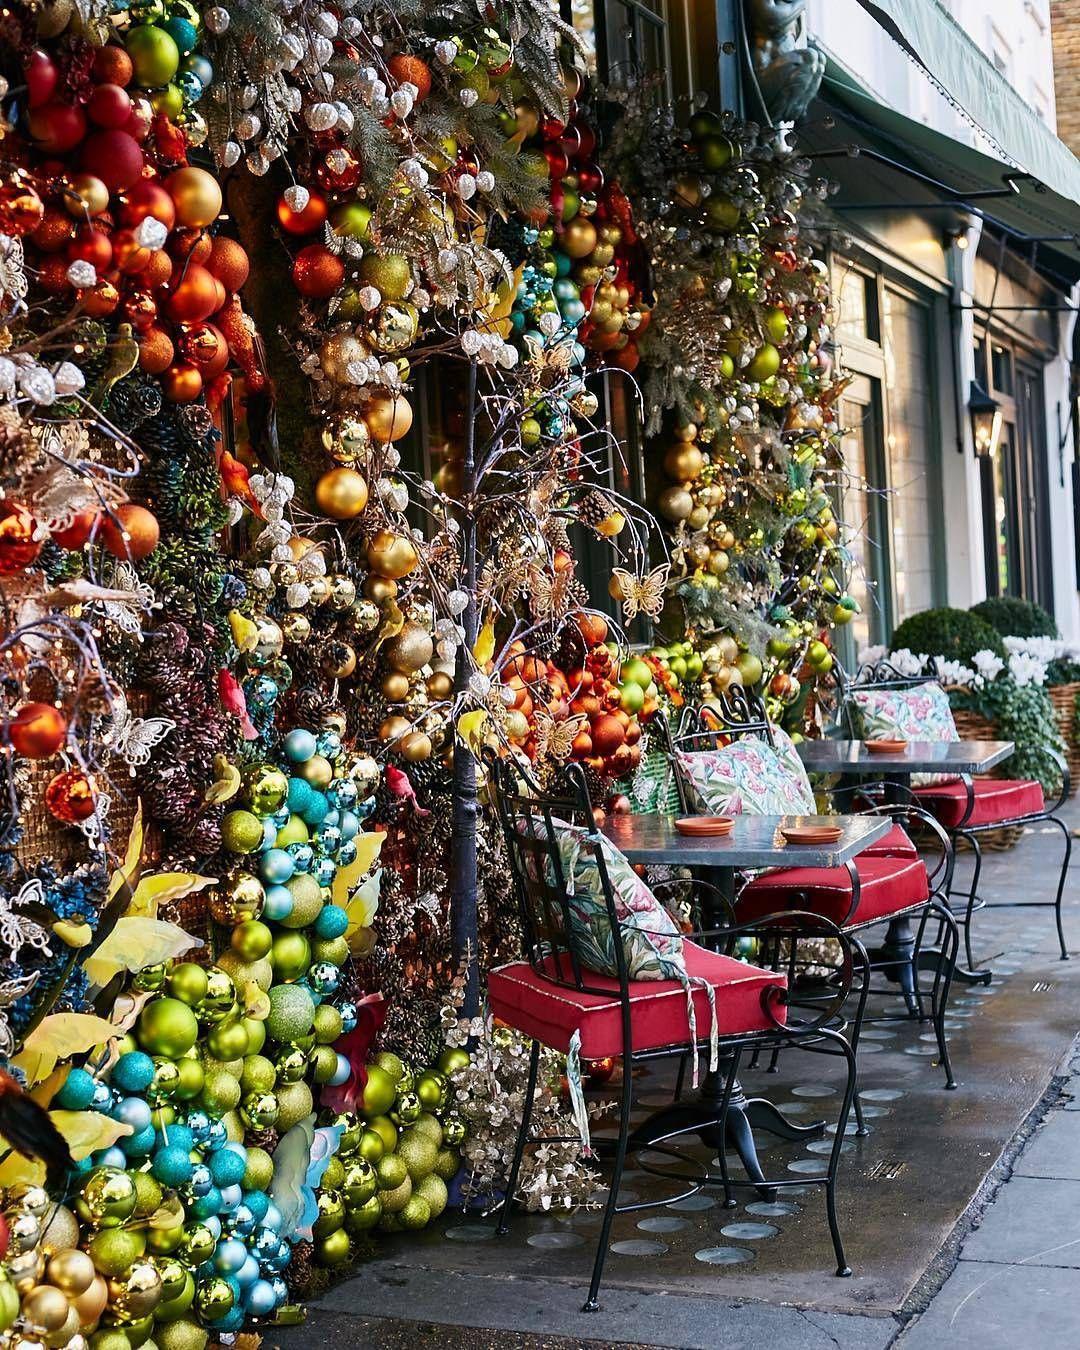 Ivy Chelsea Garden Chelsea garden, London, Instagram